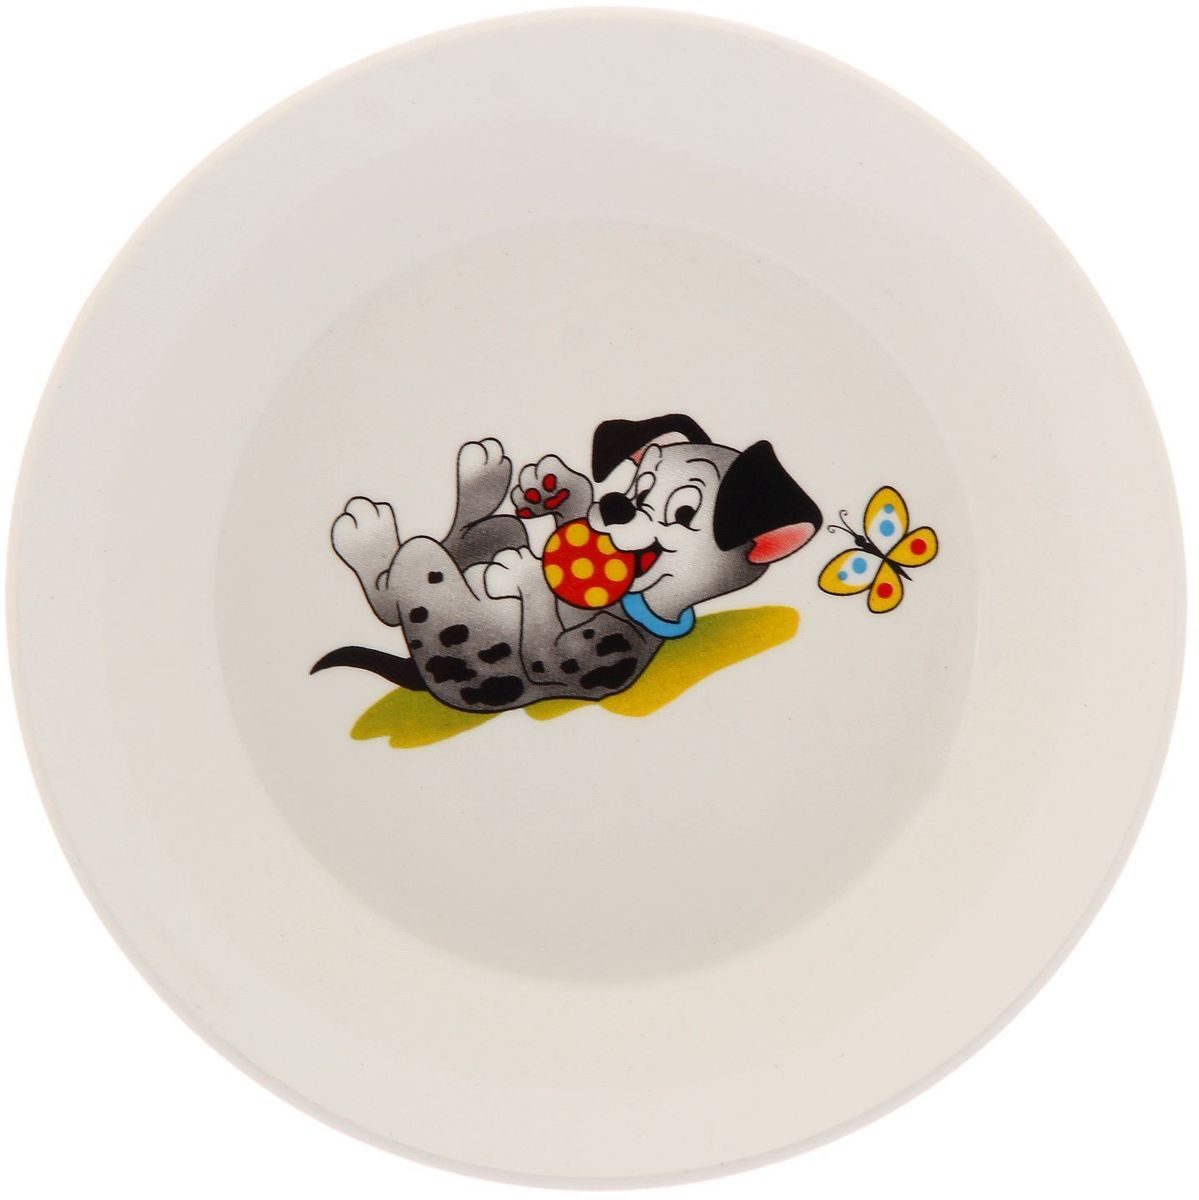 Кубаньфарфор Блюдце Озорные щенки2220068Фаянсовая детская посуда с забавным рисунком понравится каждому малышу. Изделие из качественного материала станет правильным выбором для повседневной эксплуатации и поможет превратить каждый прием пищи в радостное приключение.Особенности:- простота мойки,- стойкость к запахам,- насыщенный цвет. Уважаемые клиенты!Обращаем ваше внимание на ассортимент товара. Поставка осуществляется в зависимости от наличия на складе.